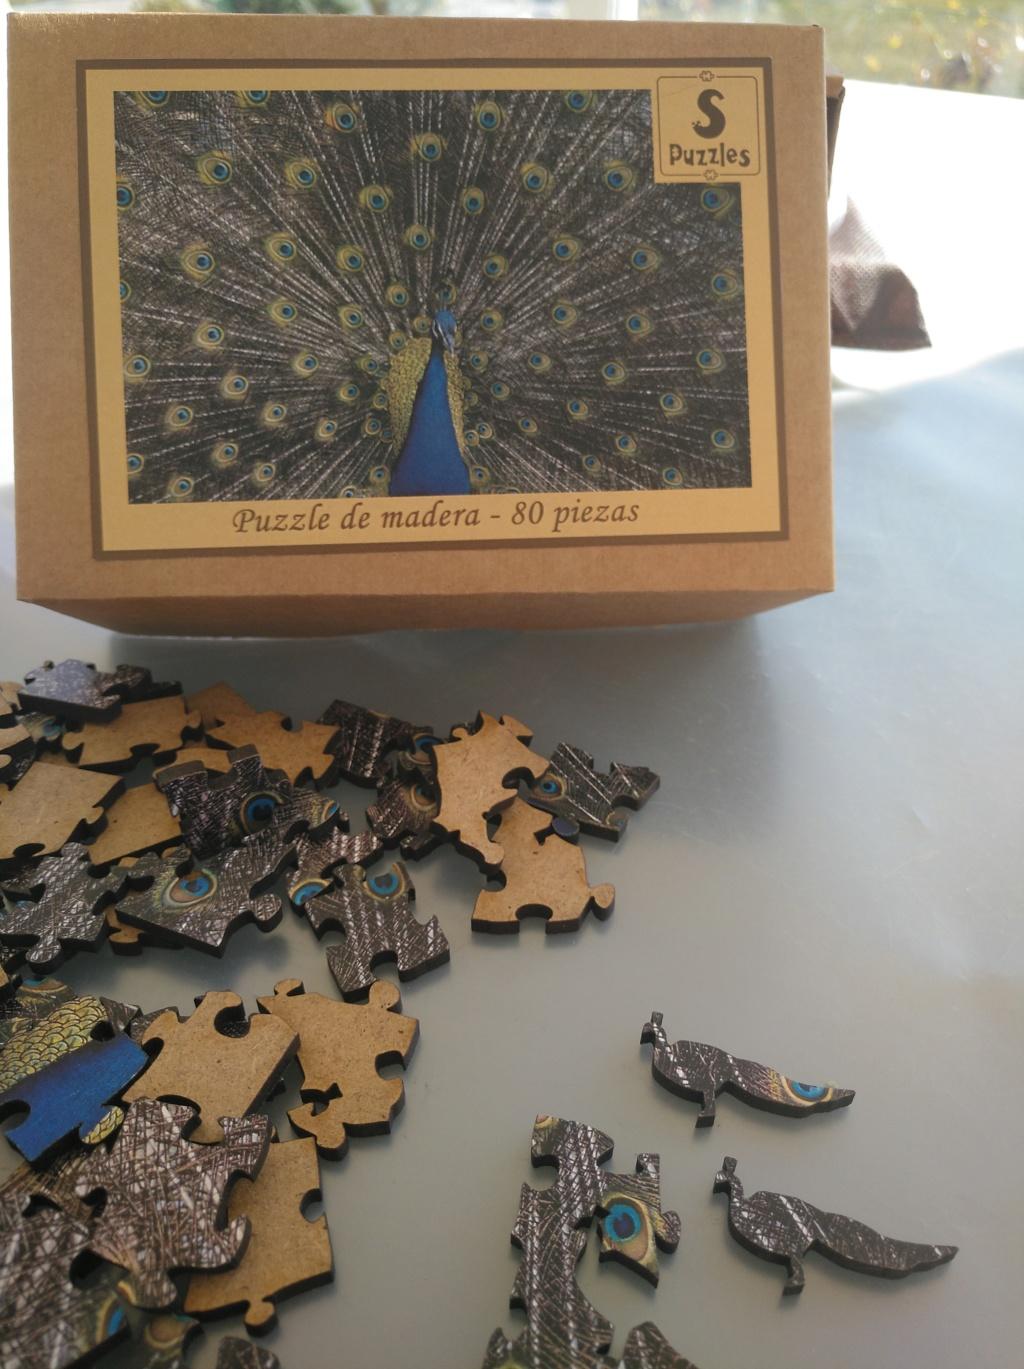 PUZZLES y puzzleros (Novedades, concursos, noticias, fotos, anécdotas, chollazos,...) Img_2012